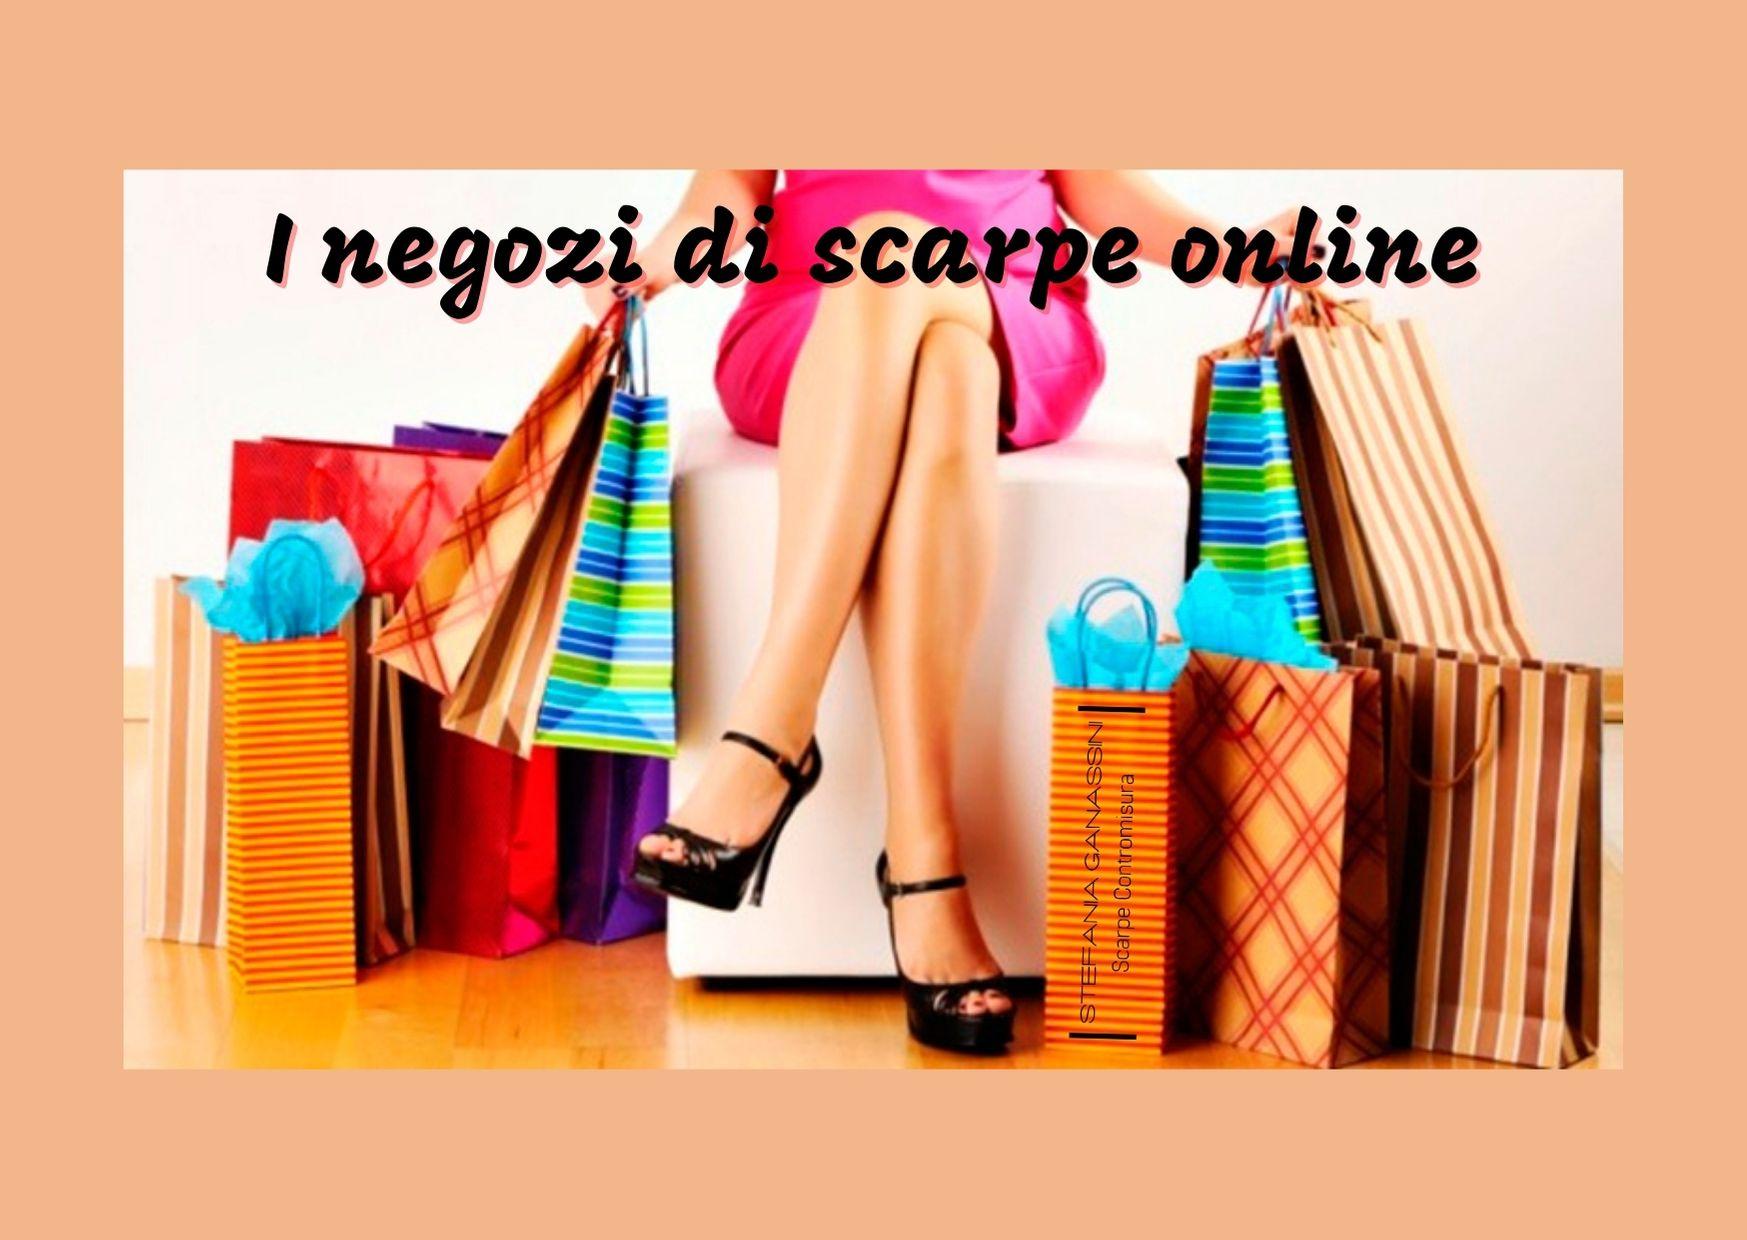 I negozi di scarpe online